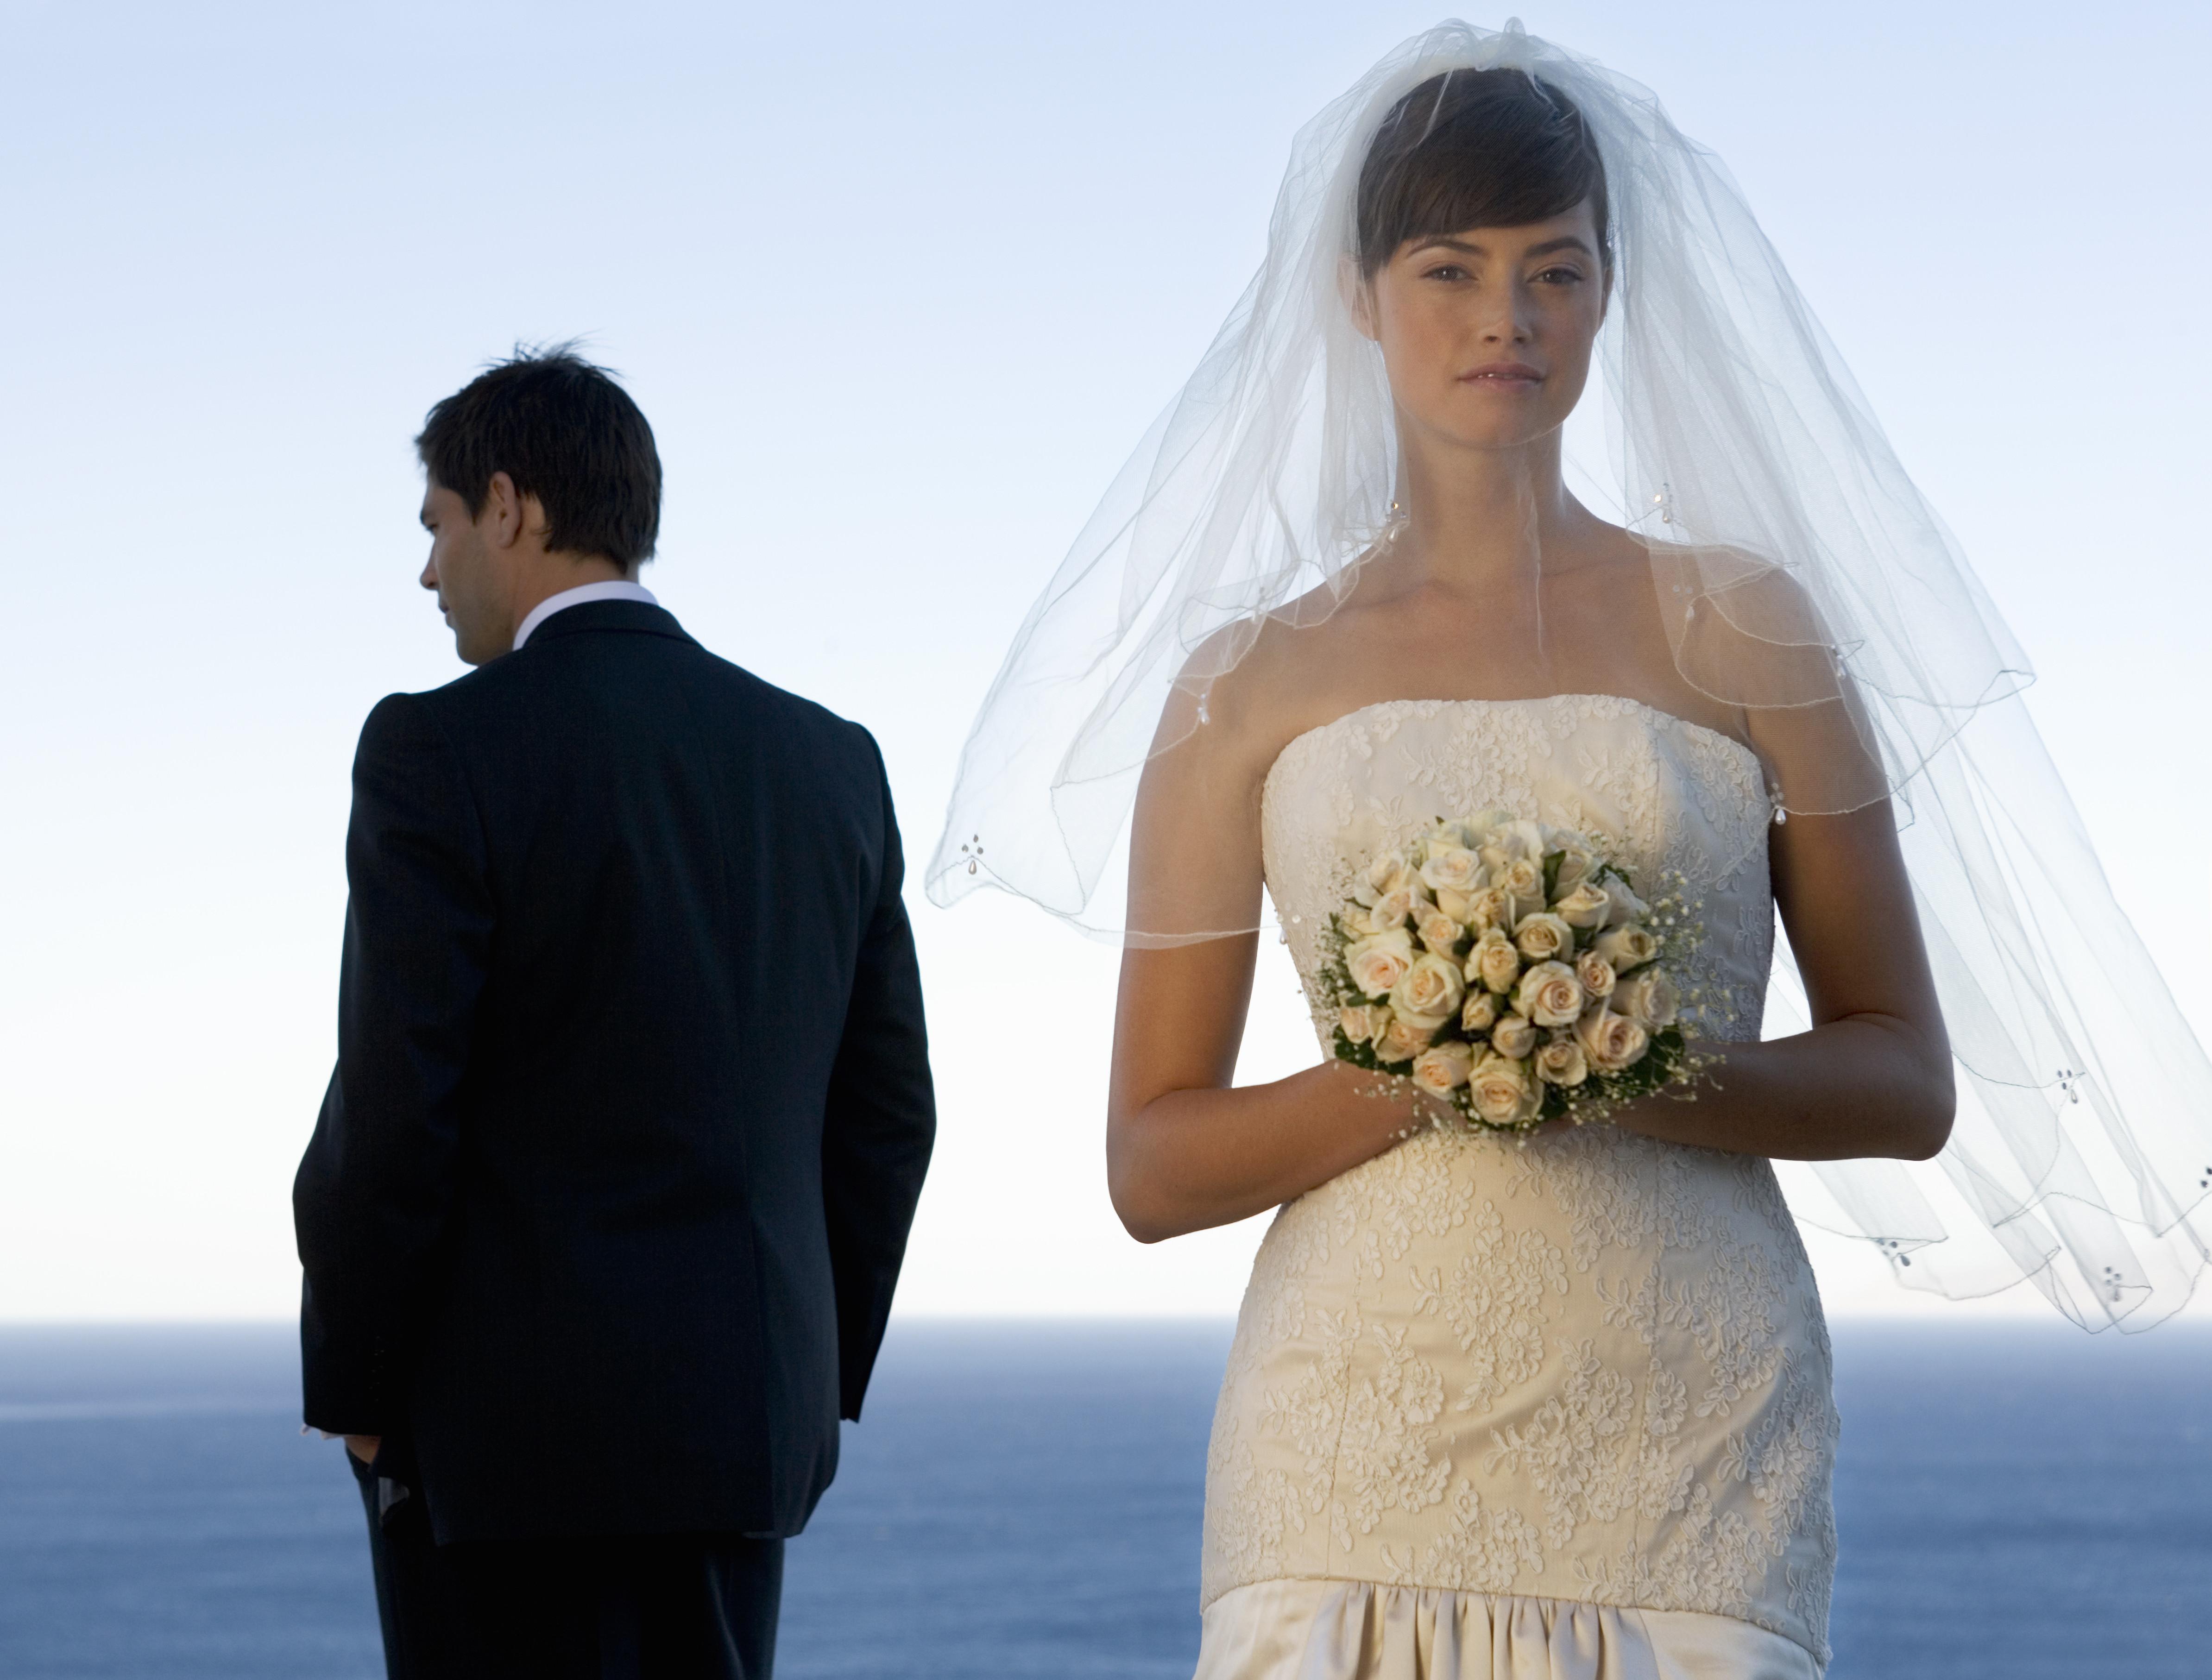 결혼하지 않아도 괜찮은 8가지 이유